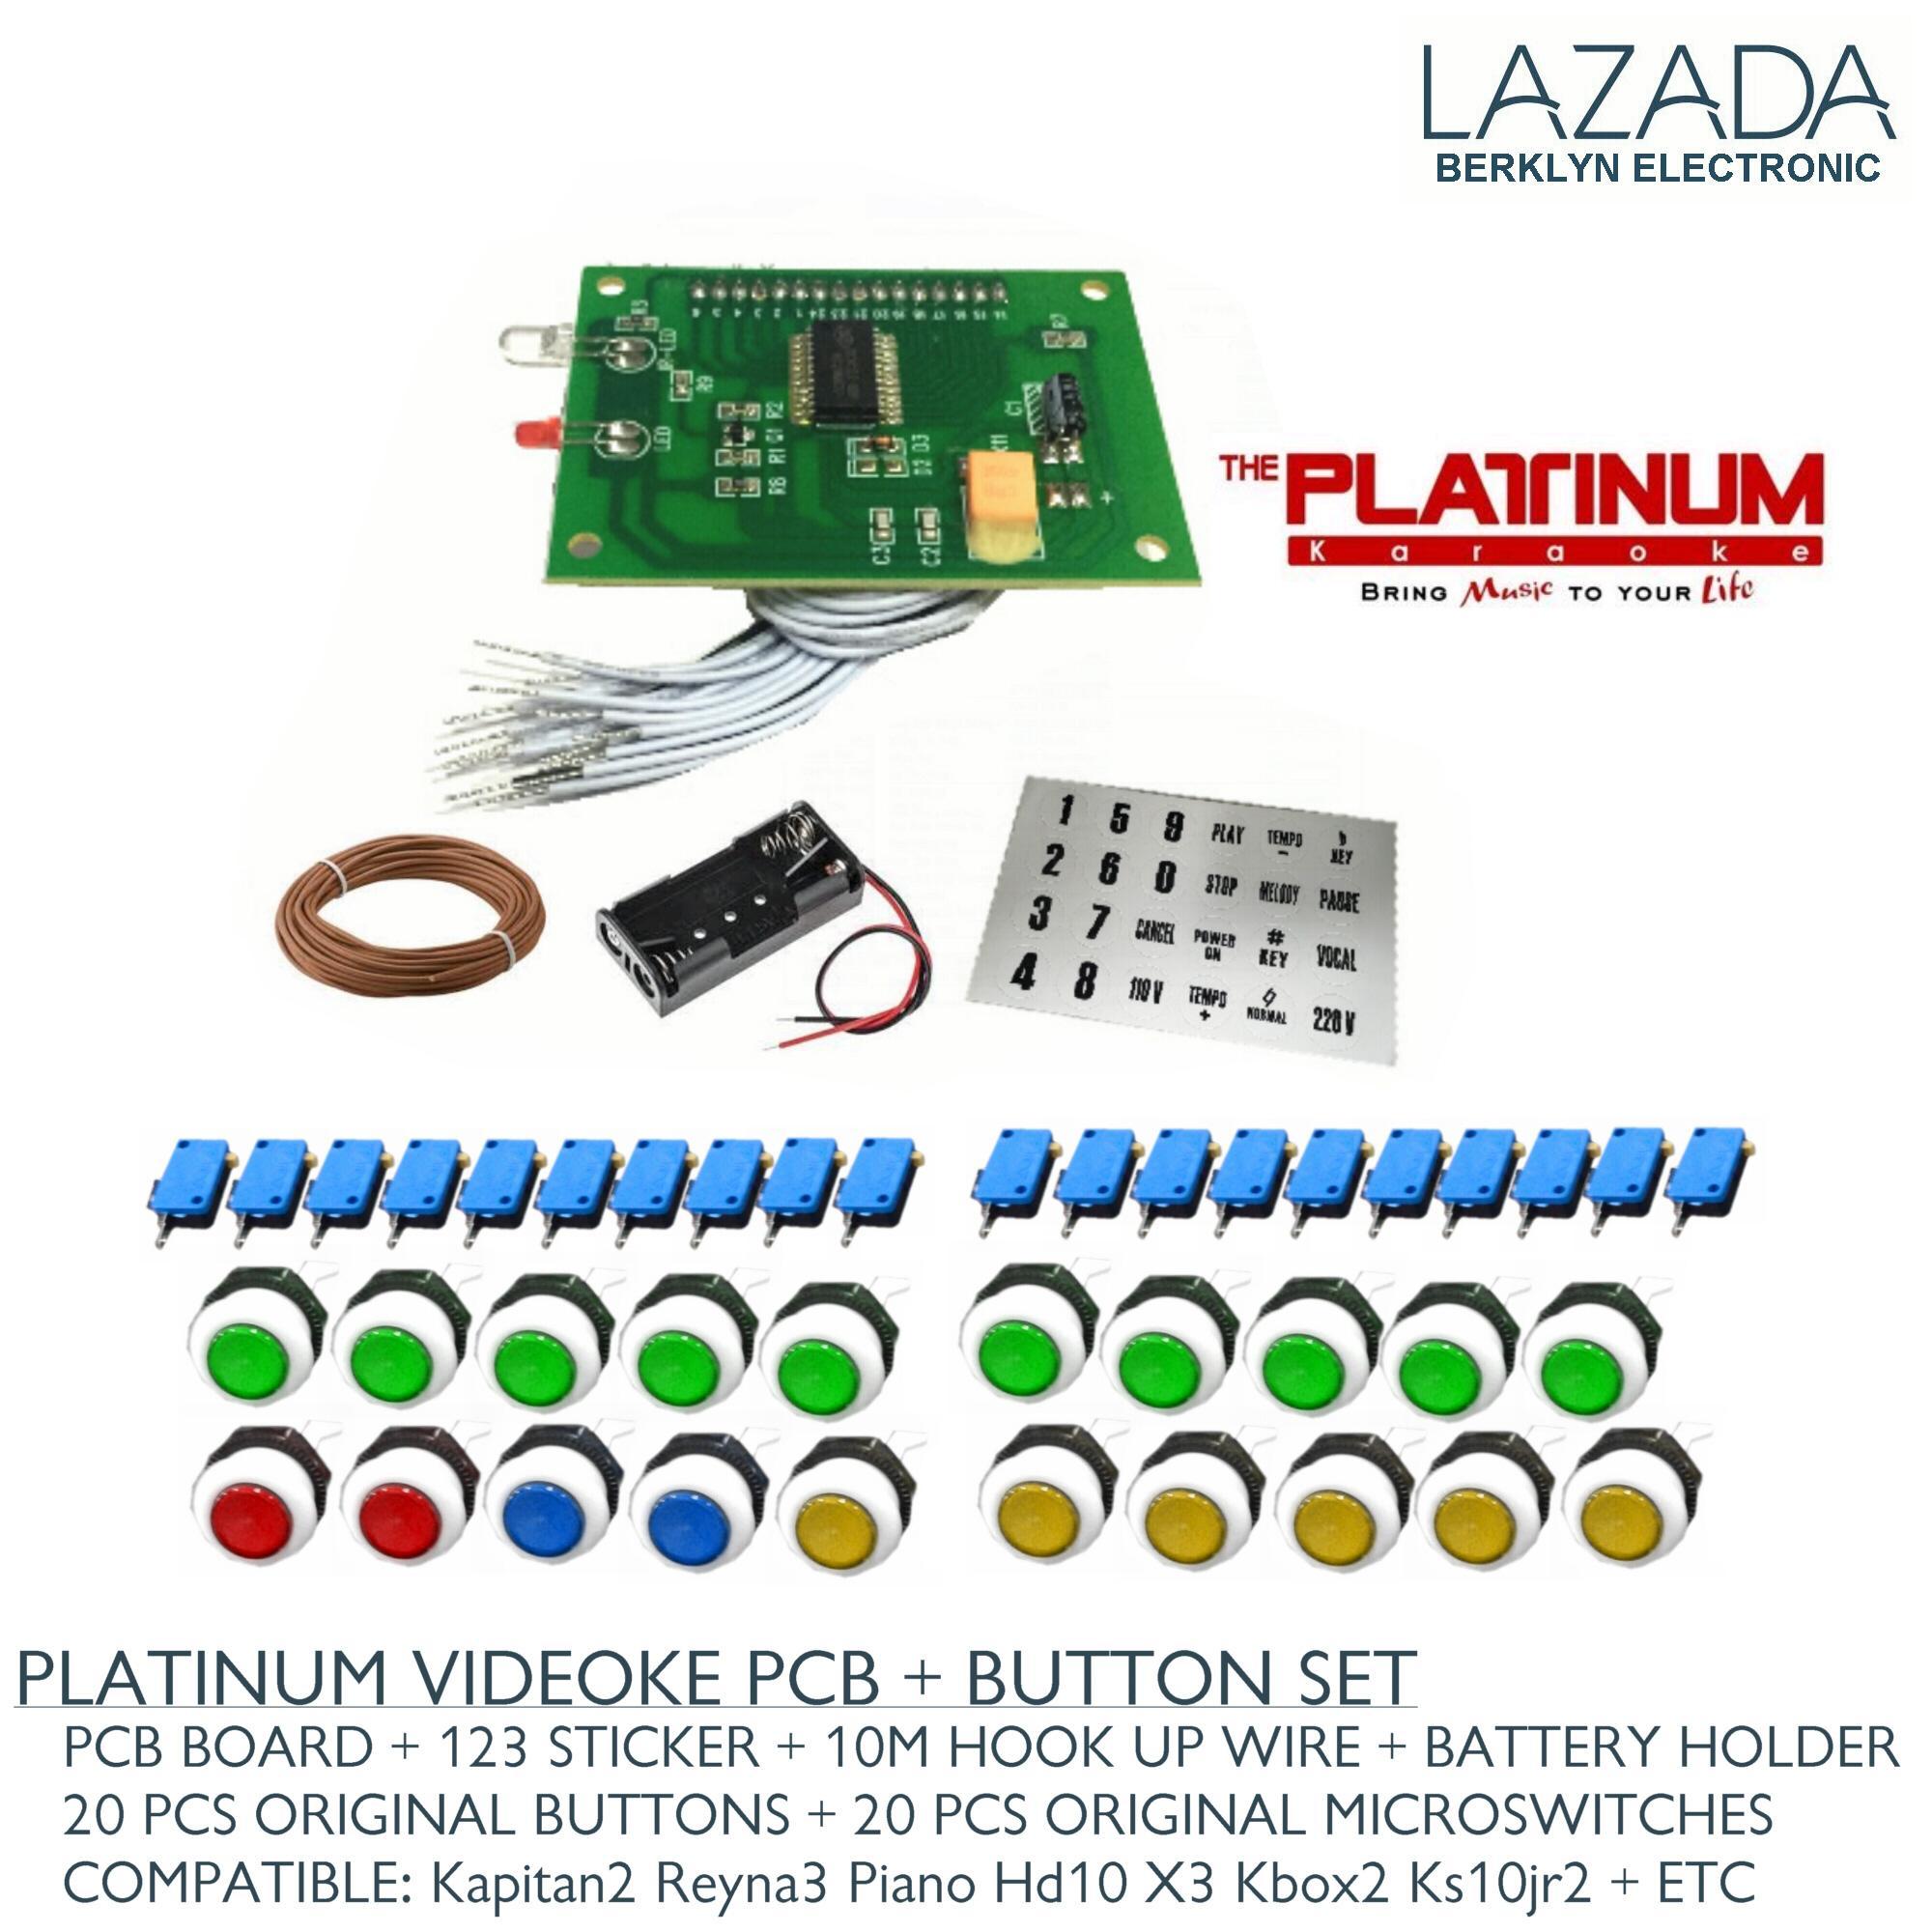 Platinum Philippines Price List Karaoke Player For Sale Videoke Speaker Wiring Pcb Remote Button Set Machine Battery Holder Wire Sticker